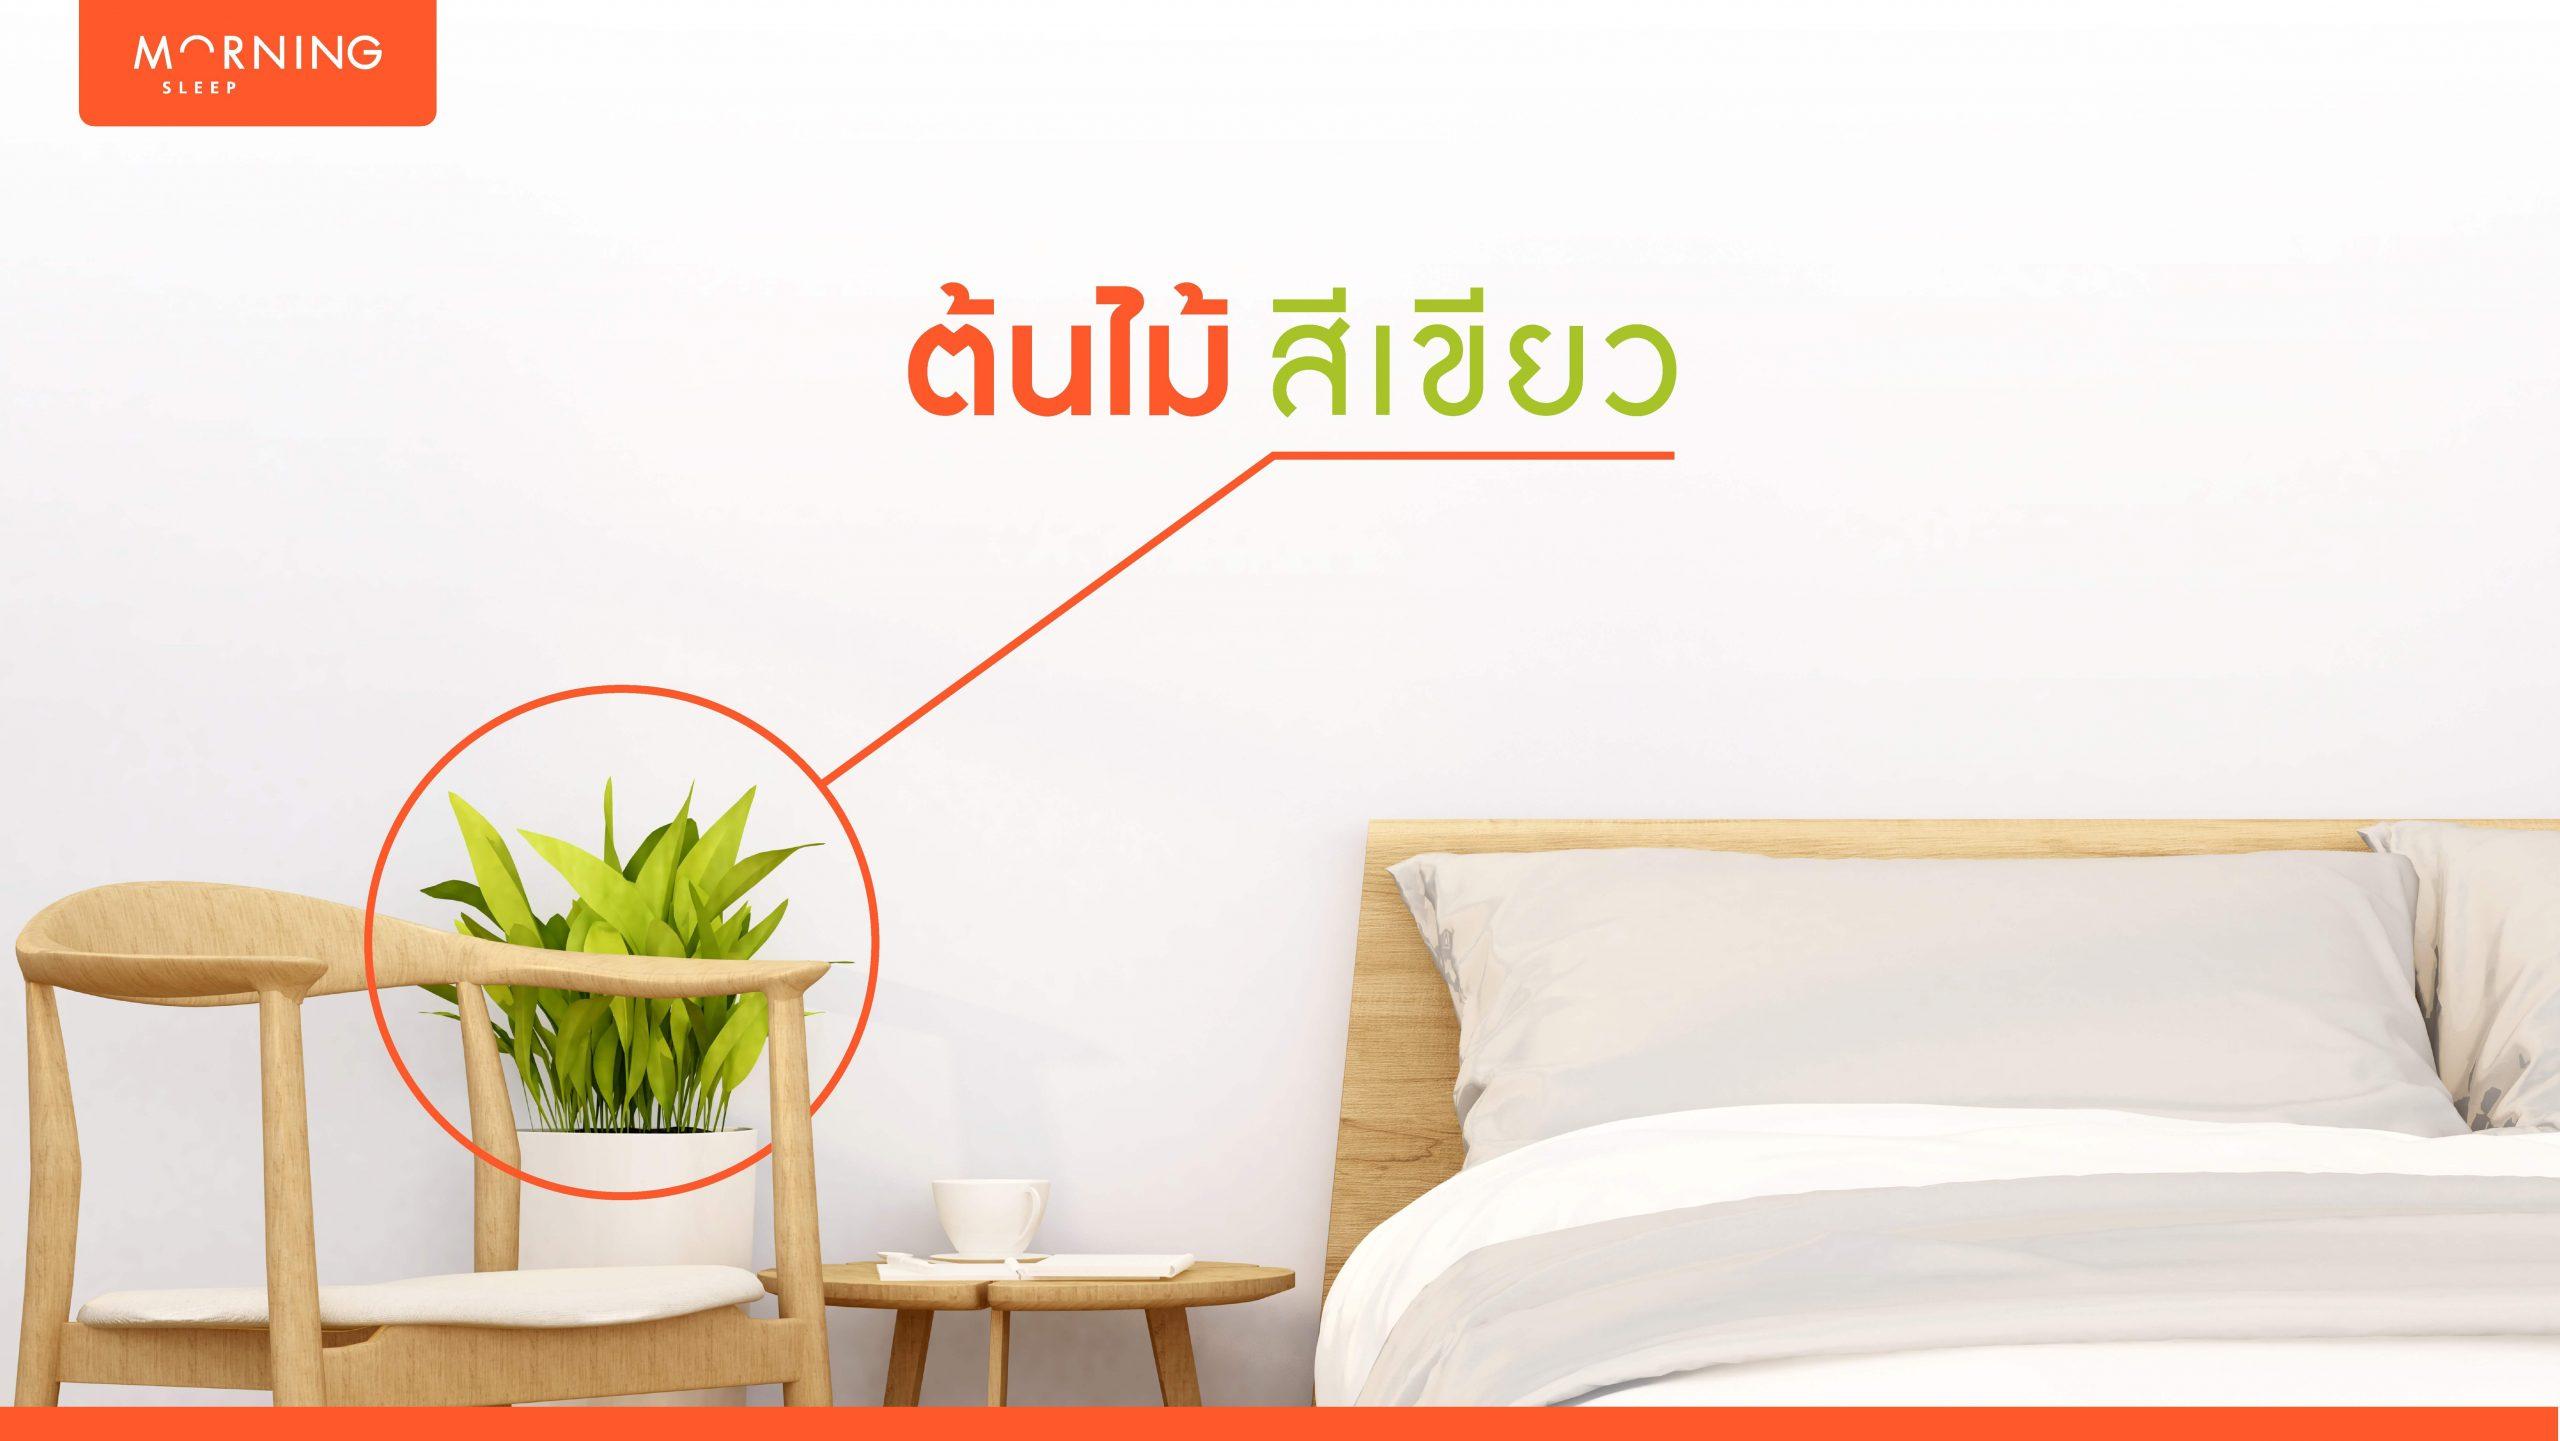 จัดห้องนอน มินิมอลด้วยการปลูกต้นไม้สีเขียว